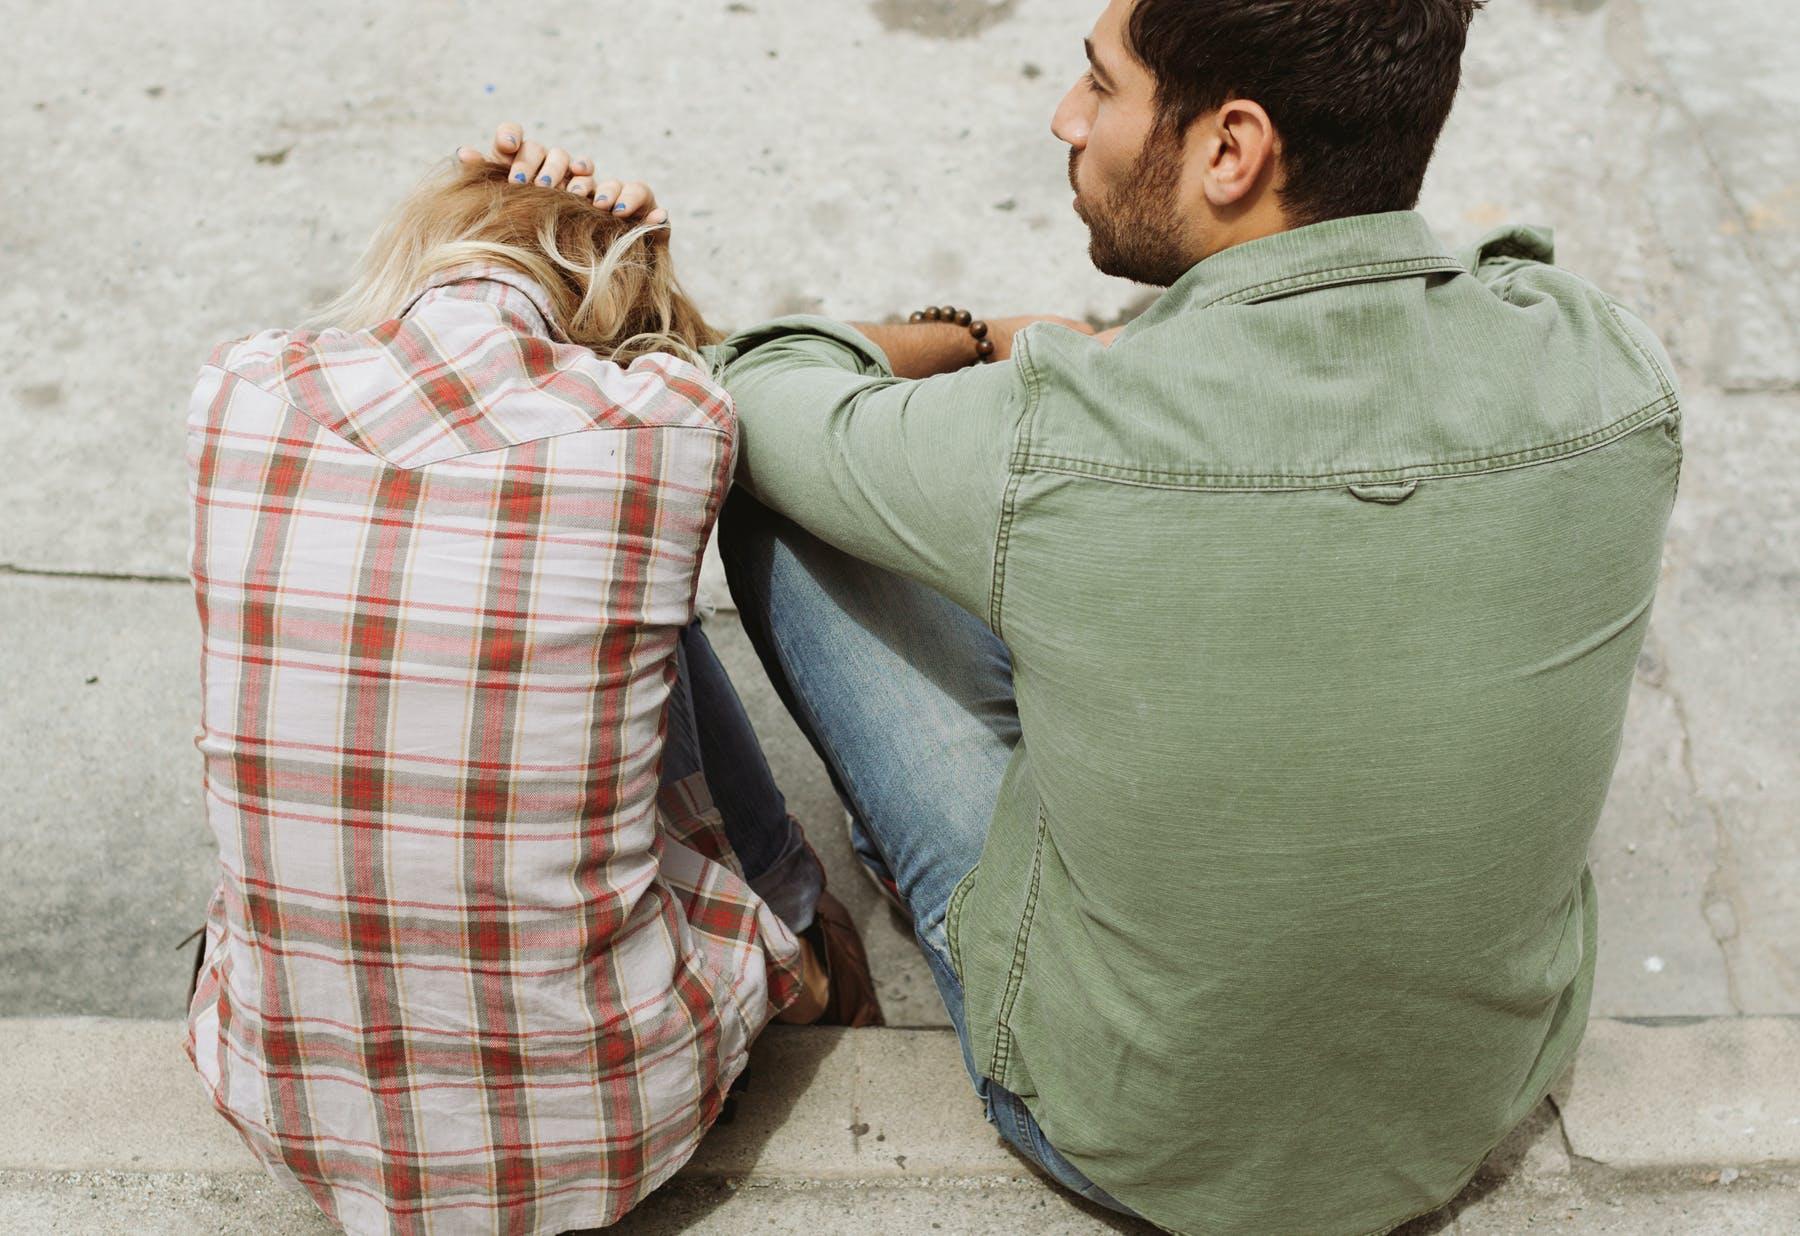 거리, 관계, 남자, 단란함의 무료 스톡 사진